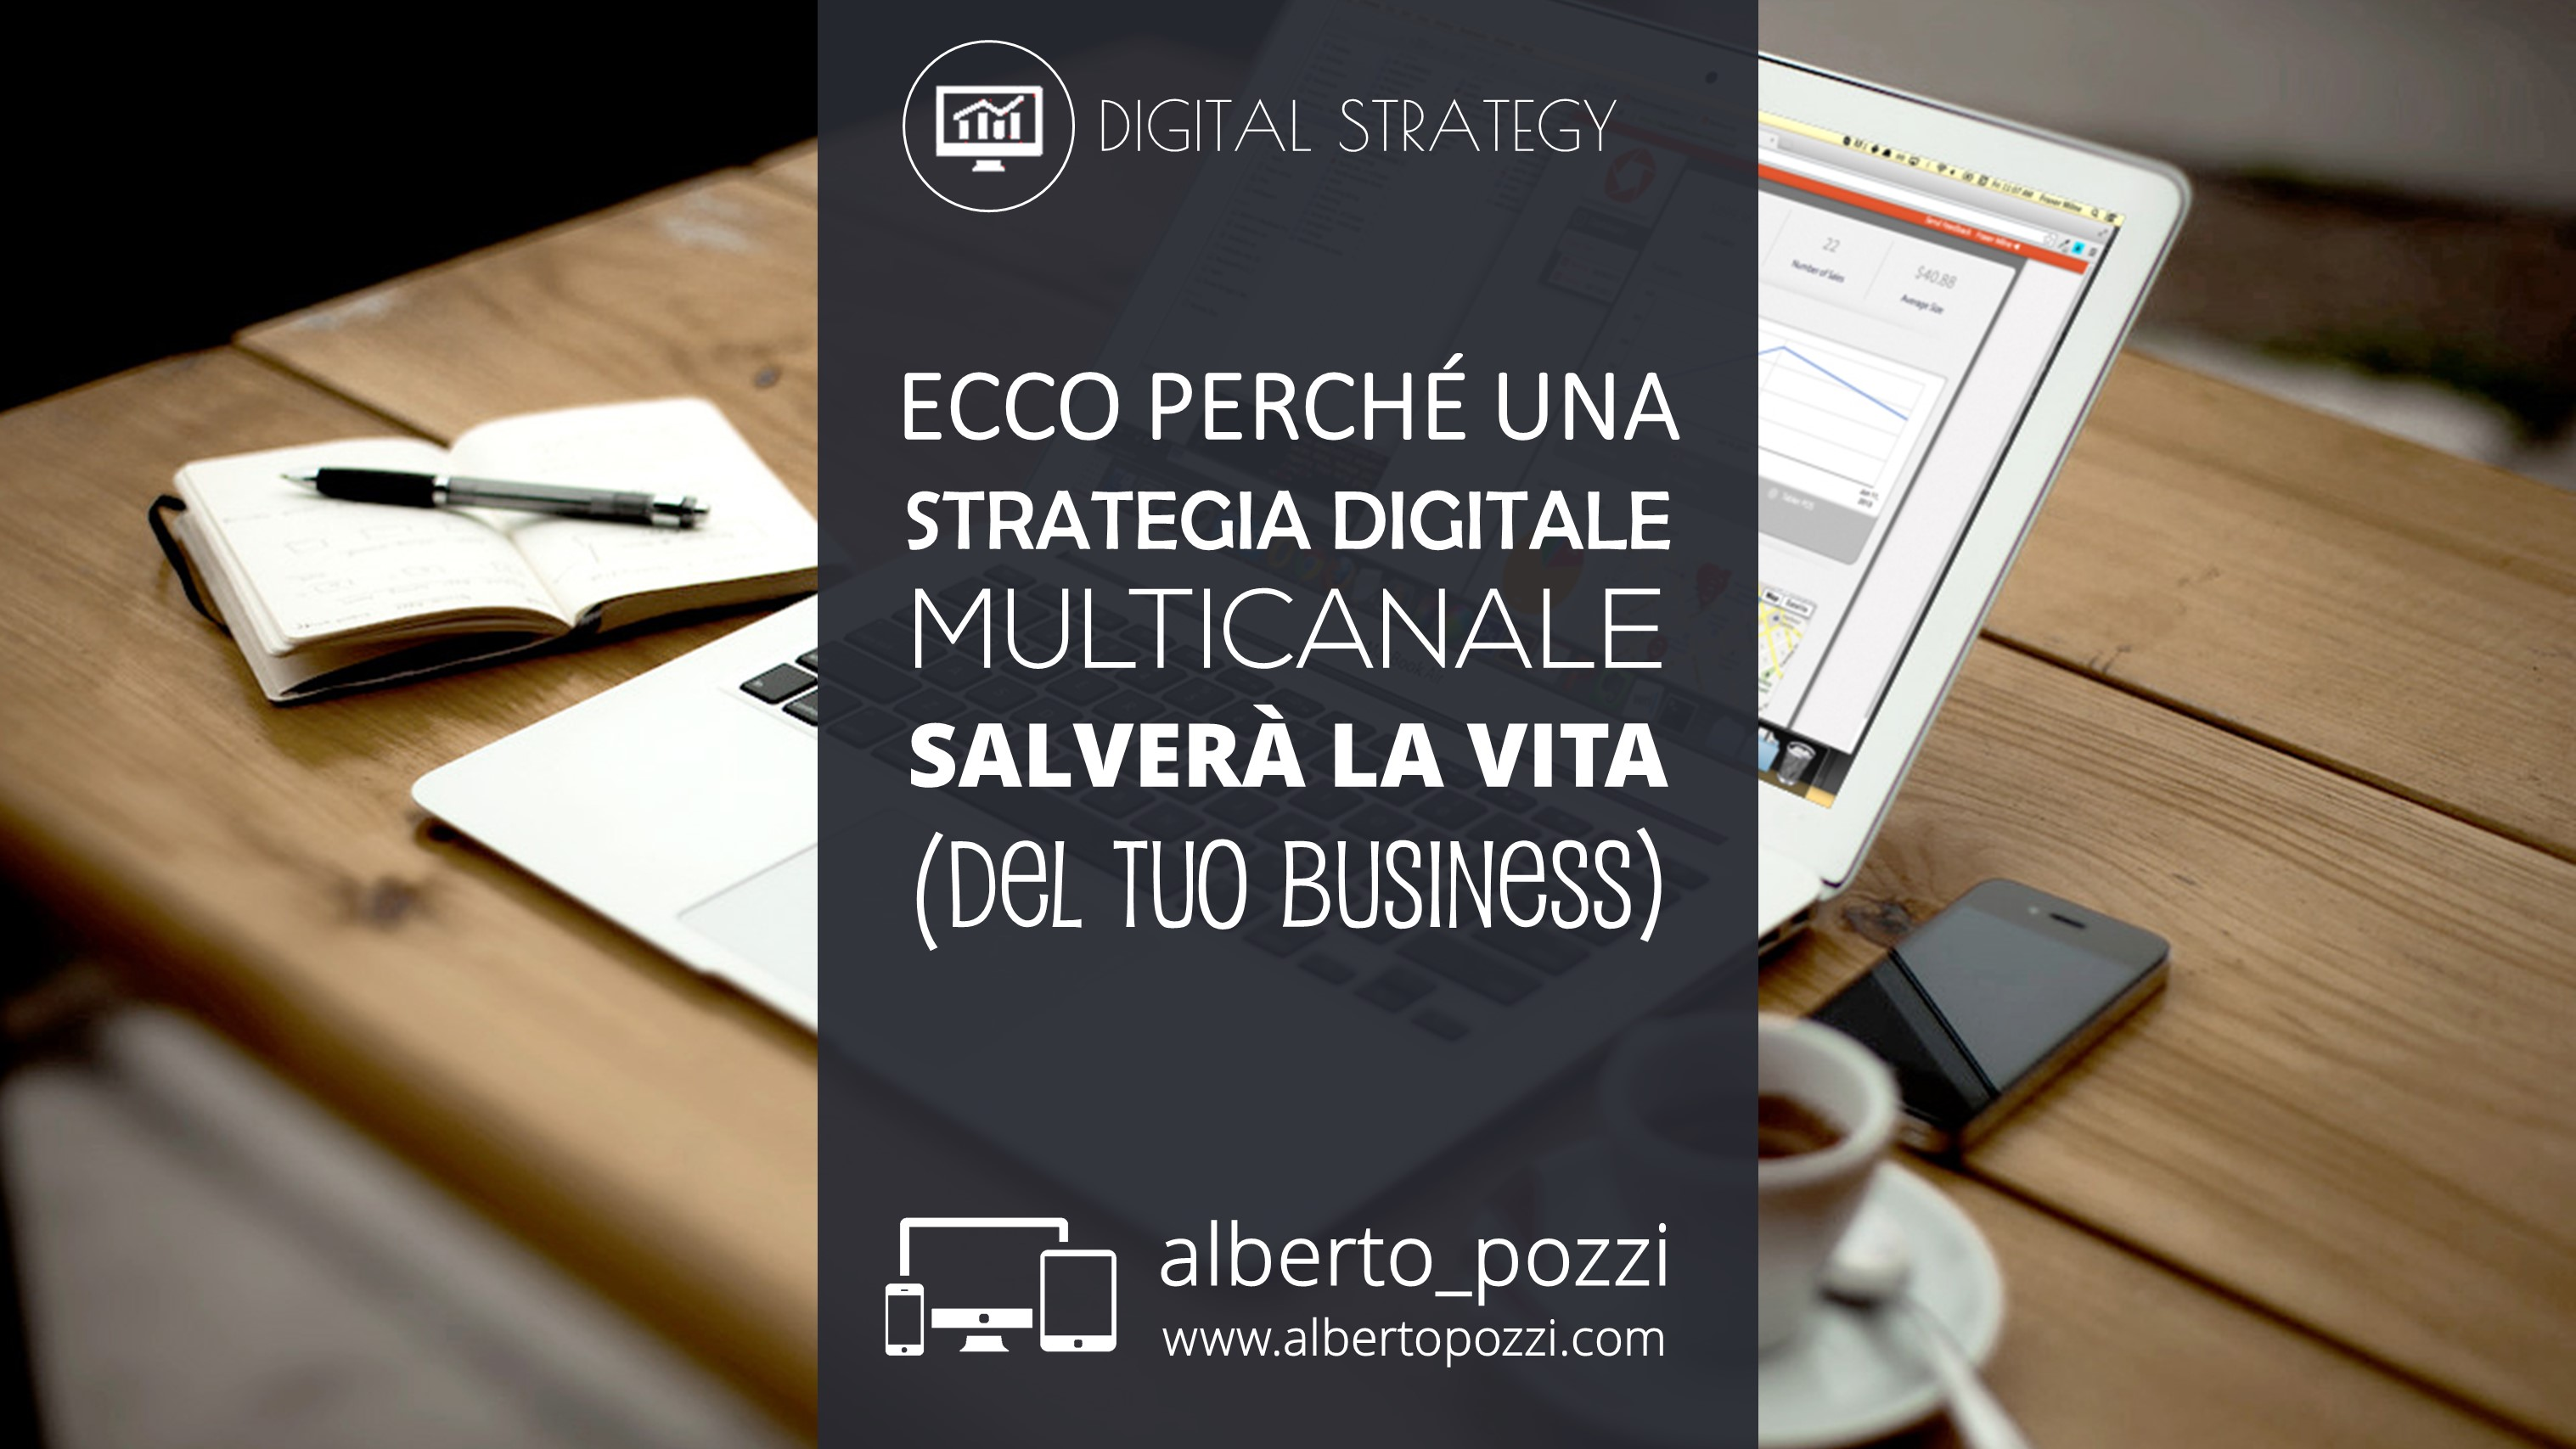 Perché una strategia digitale multicanale salverà la vita (del tuo business)